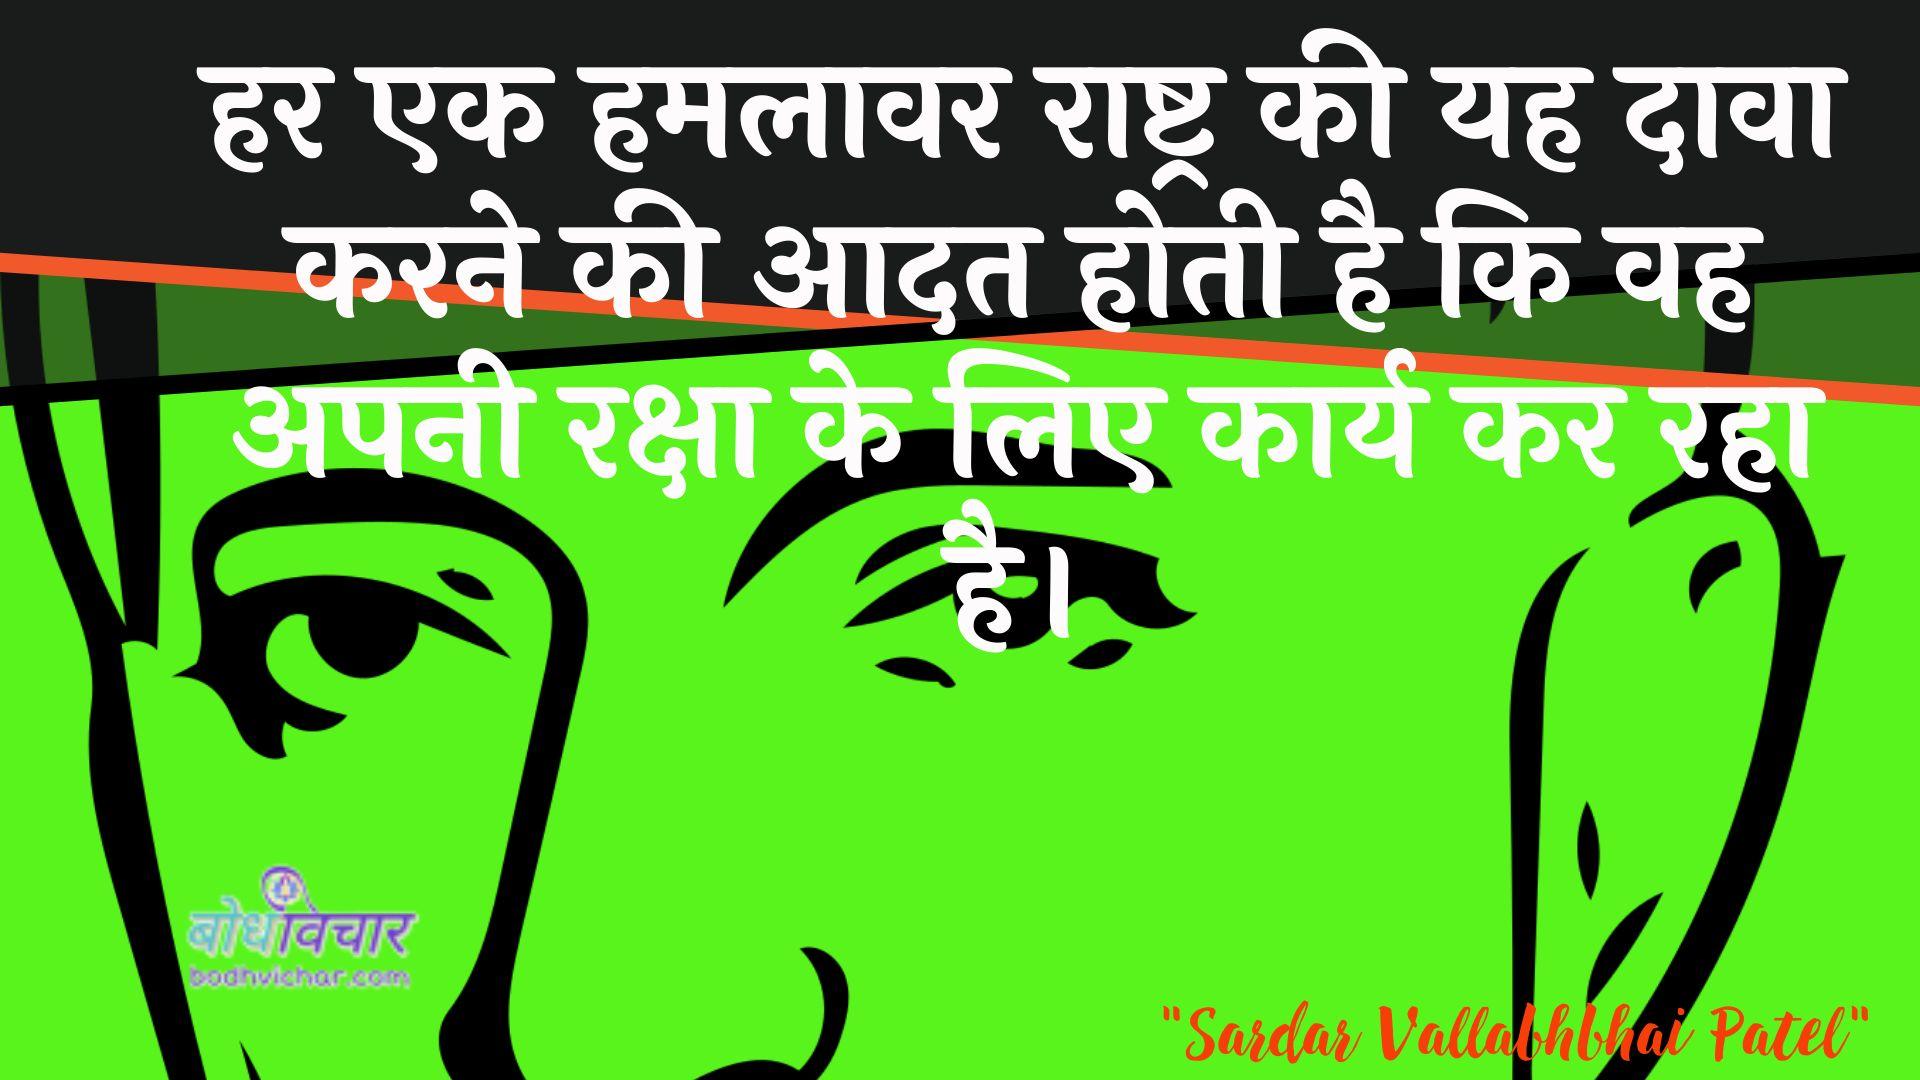 हर एक हमलावर राष्ट्र की यह दावा करने की आदत होती है कि वह अपनी रक्षा के लिए कार्य कर रहा है। : Har ek adhyaapak raashtr kee yah daava karane kee aadat hotee hai ki vah apanee raksha ke lie kaary kar raha hai. - जवाहरलाल नेहरू